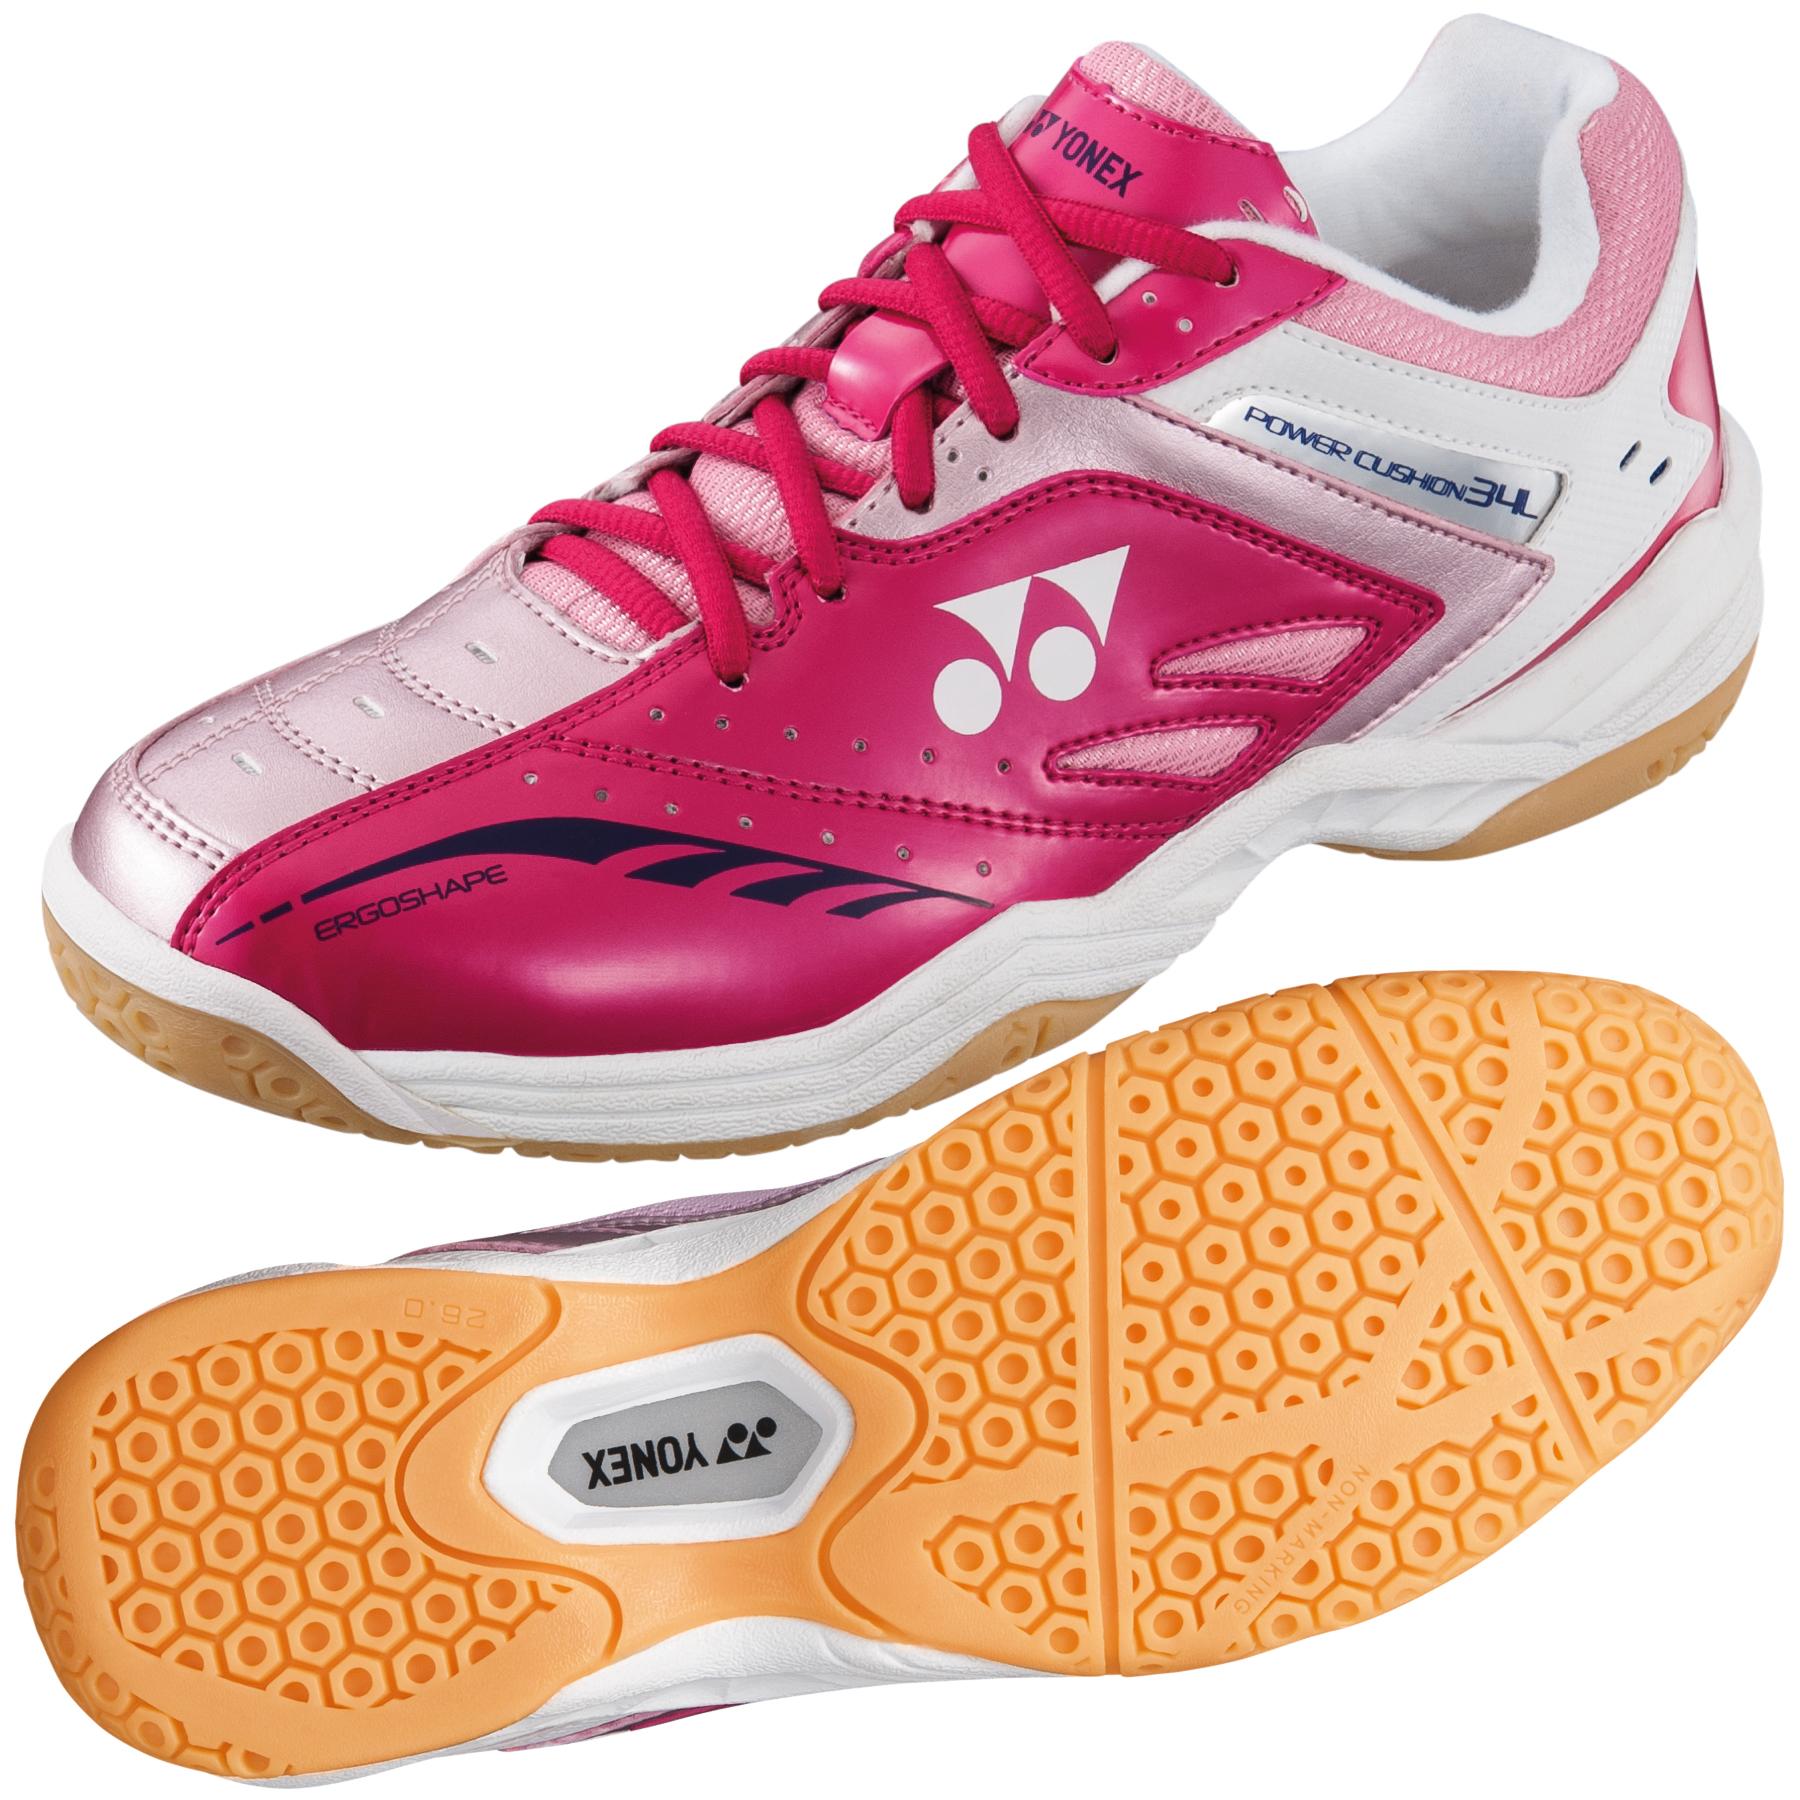 Yonex Power Cushion 34 Ladies Badminton Shoes  Pink 6.5 UK